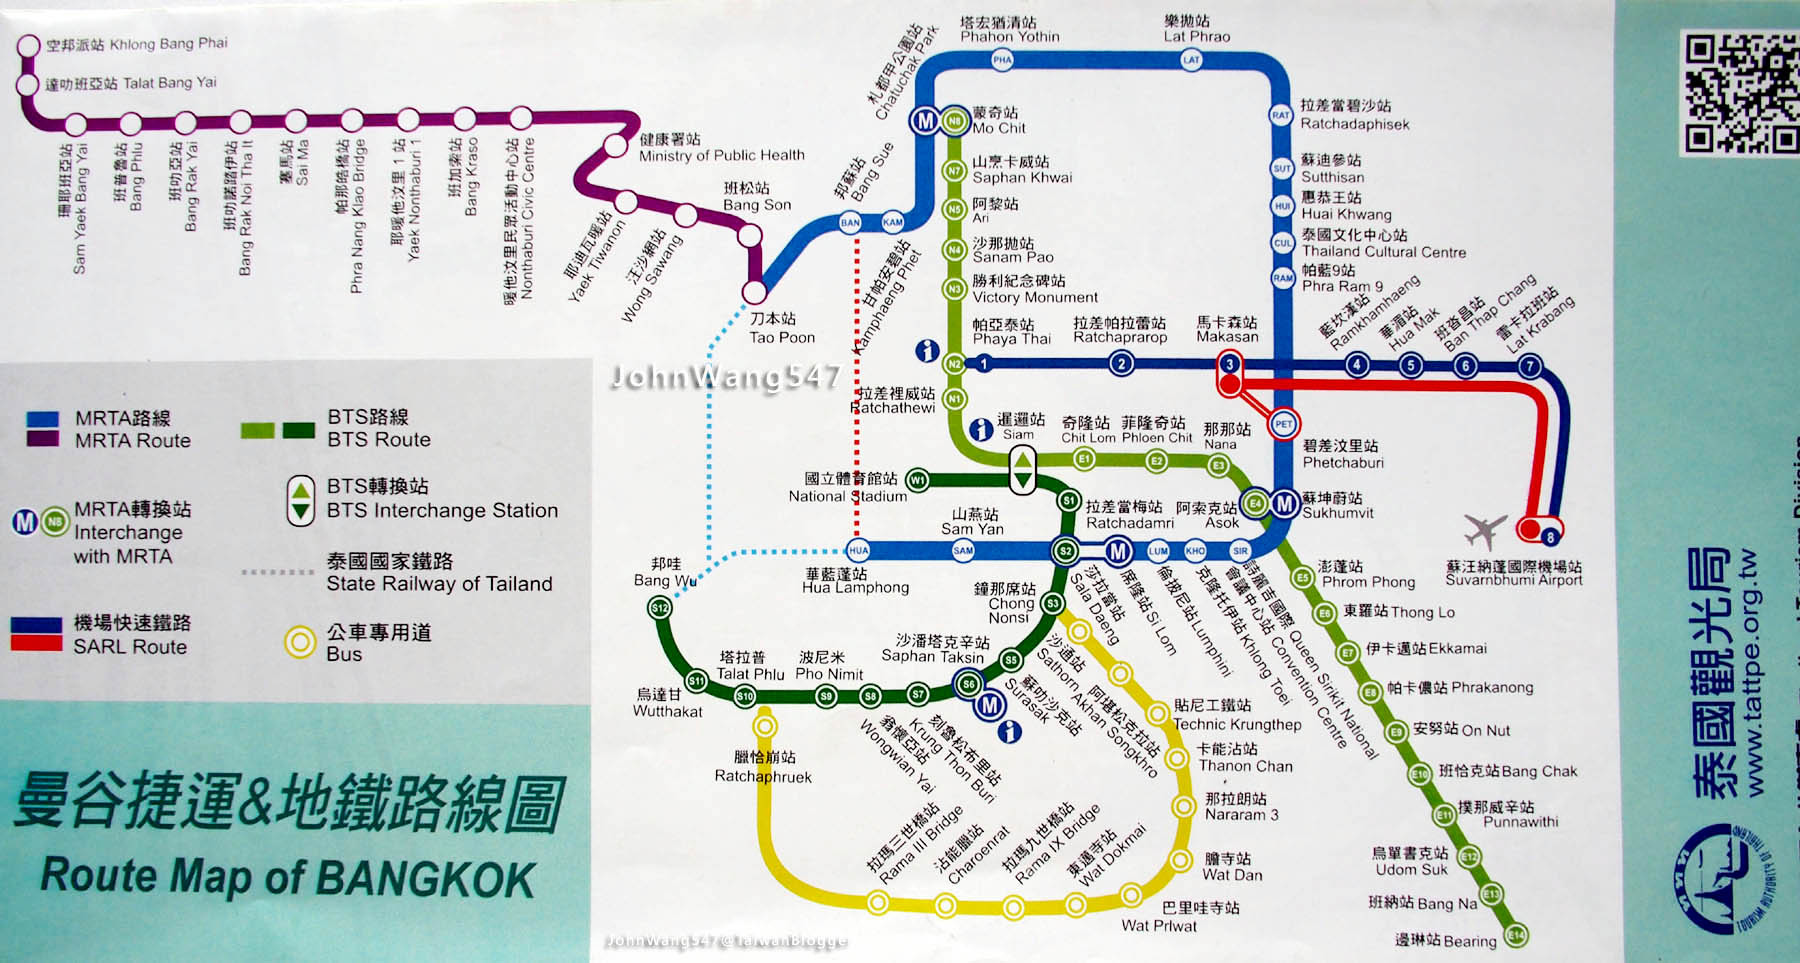 曼谷捷運路線圖